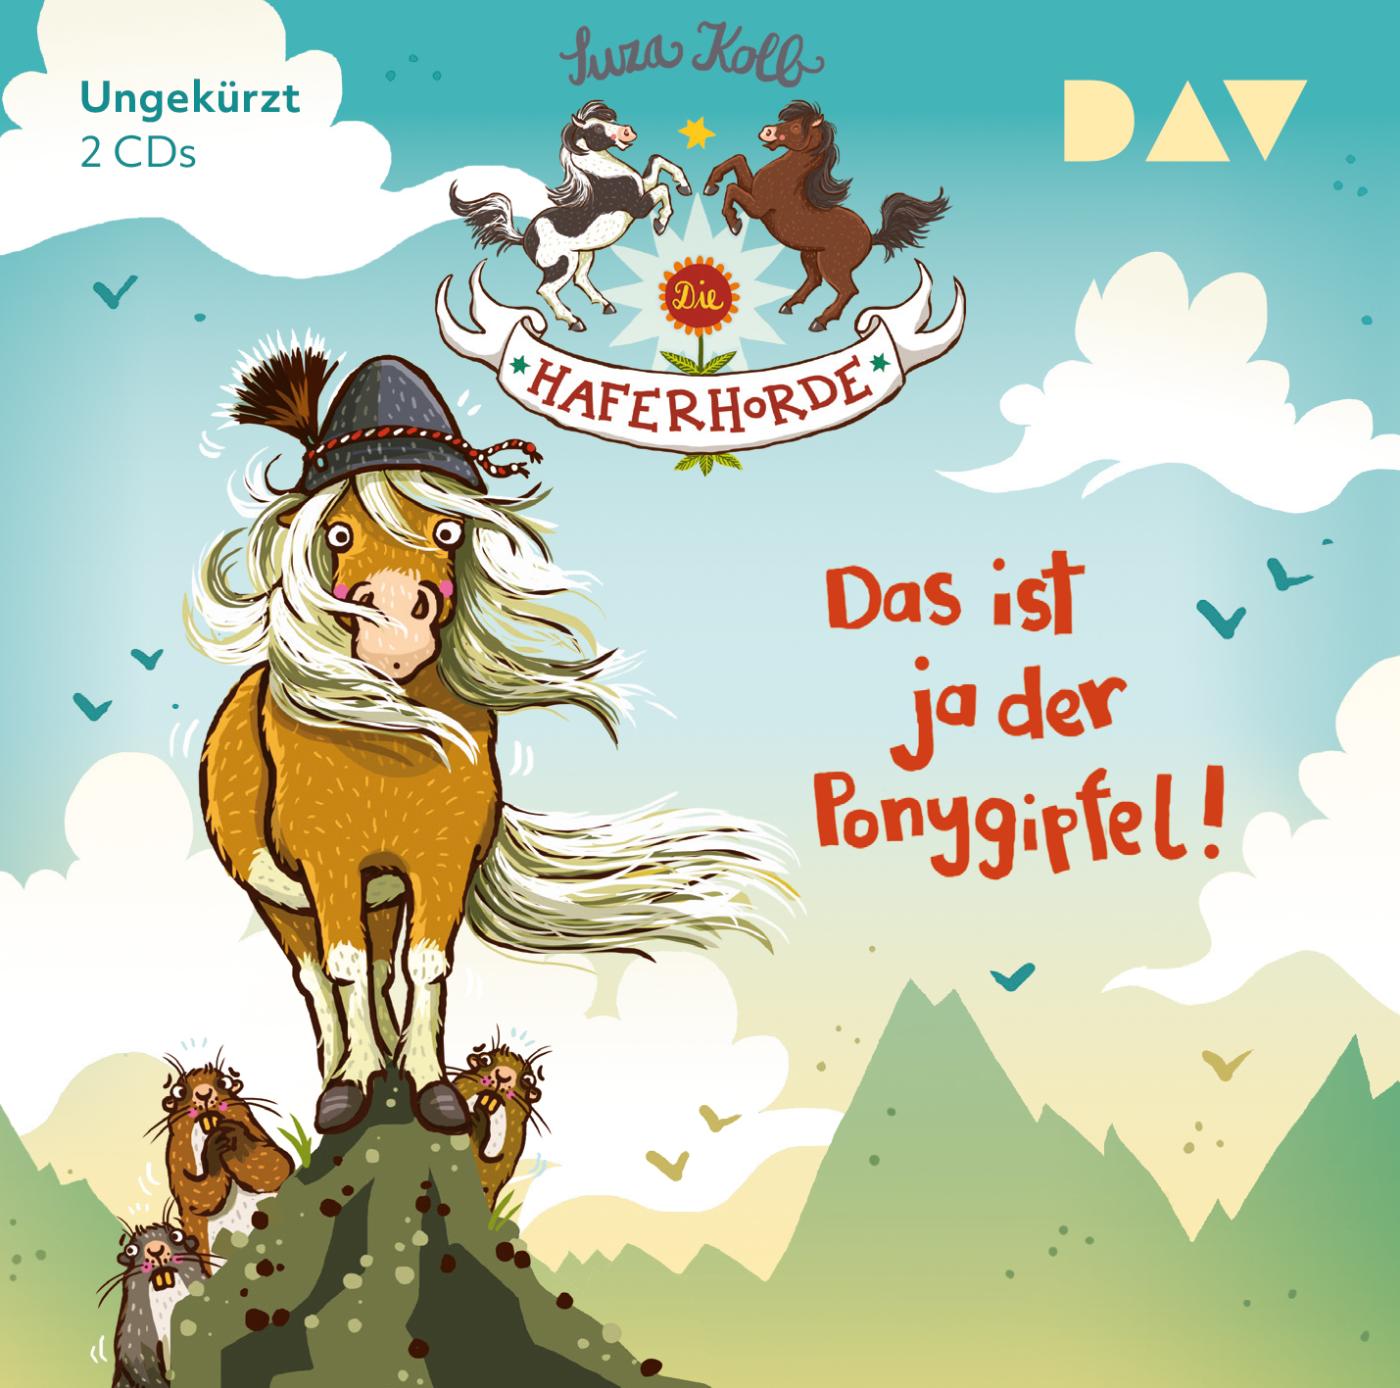 Die Haferhorde – Teil 13: Das ist ja der Ponygipfel!